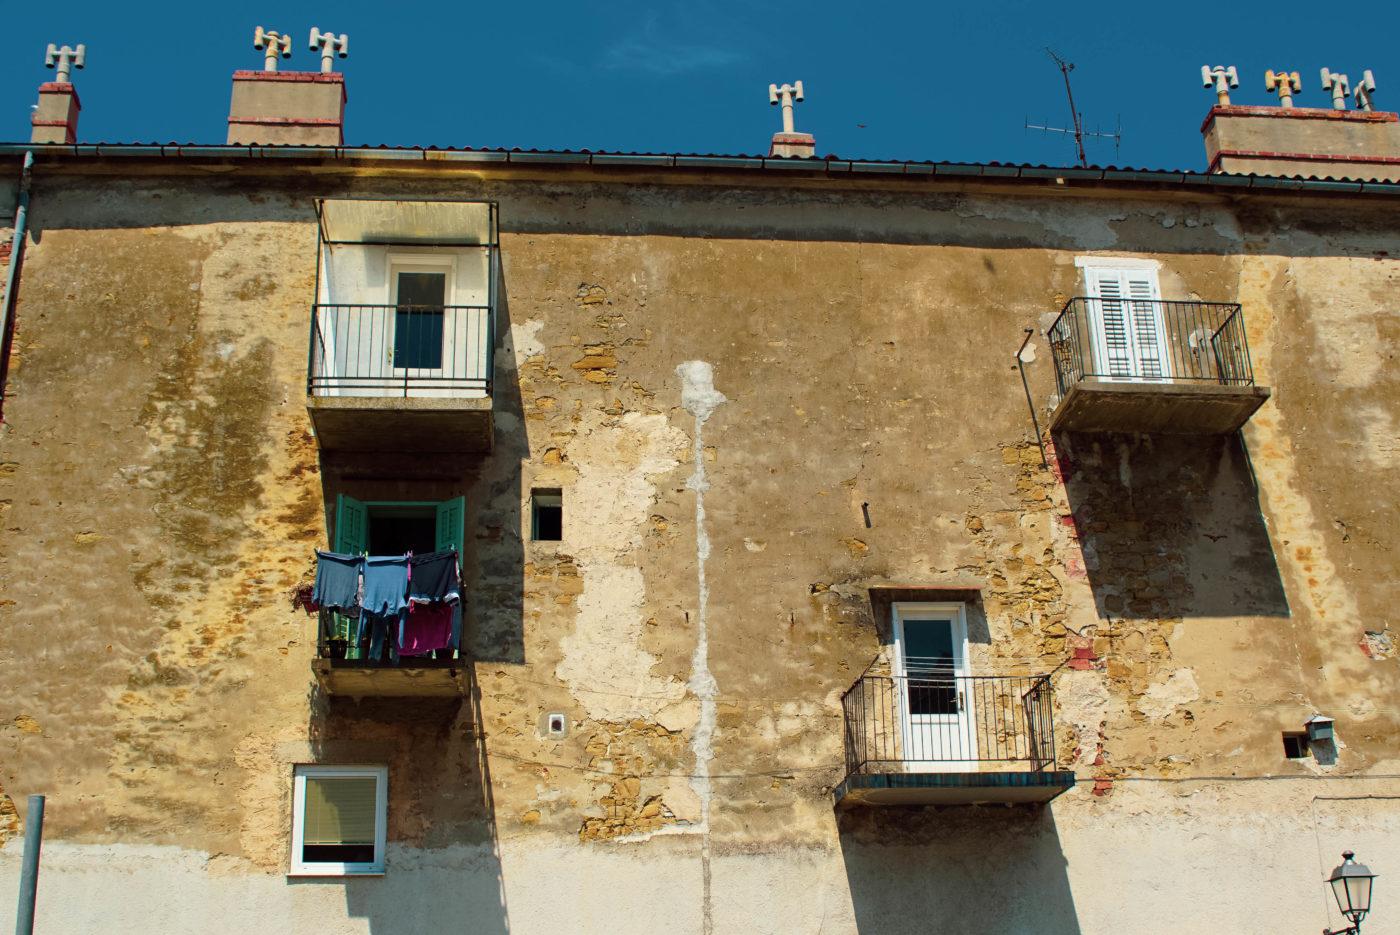 Zu sehen ist ein beige Hauswand von der der Putz bröckelt und dort Backsteine zum Vorschein kommen. Es gibt vier Balkons die alle auf unterschiedlichen Höhen angebracht sind. Alle vier sind unterschiedlich gestaltet, mit verschiedenen Geländern, Türen und in ihrer Größe.